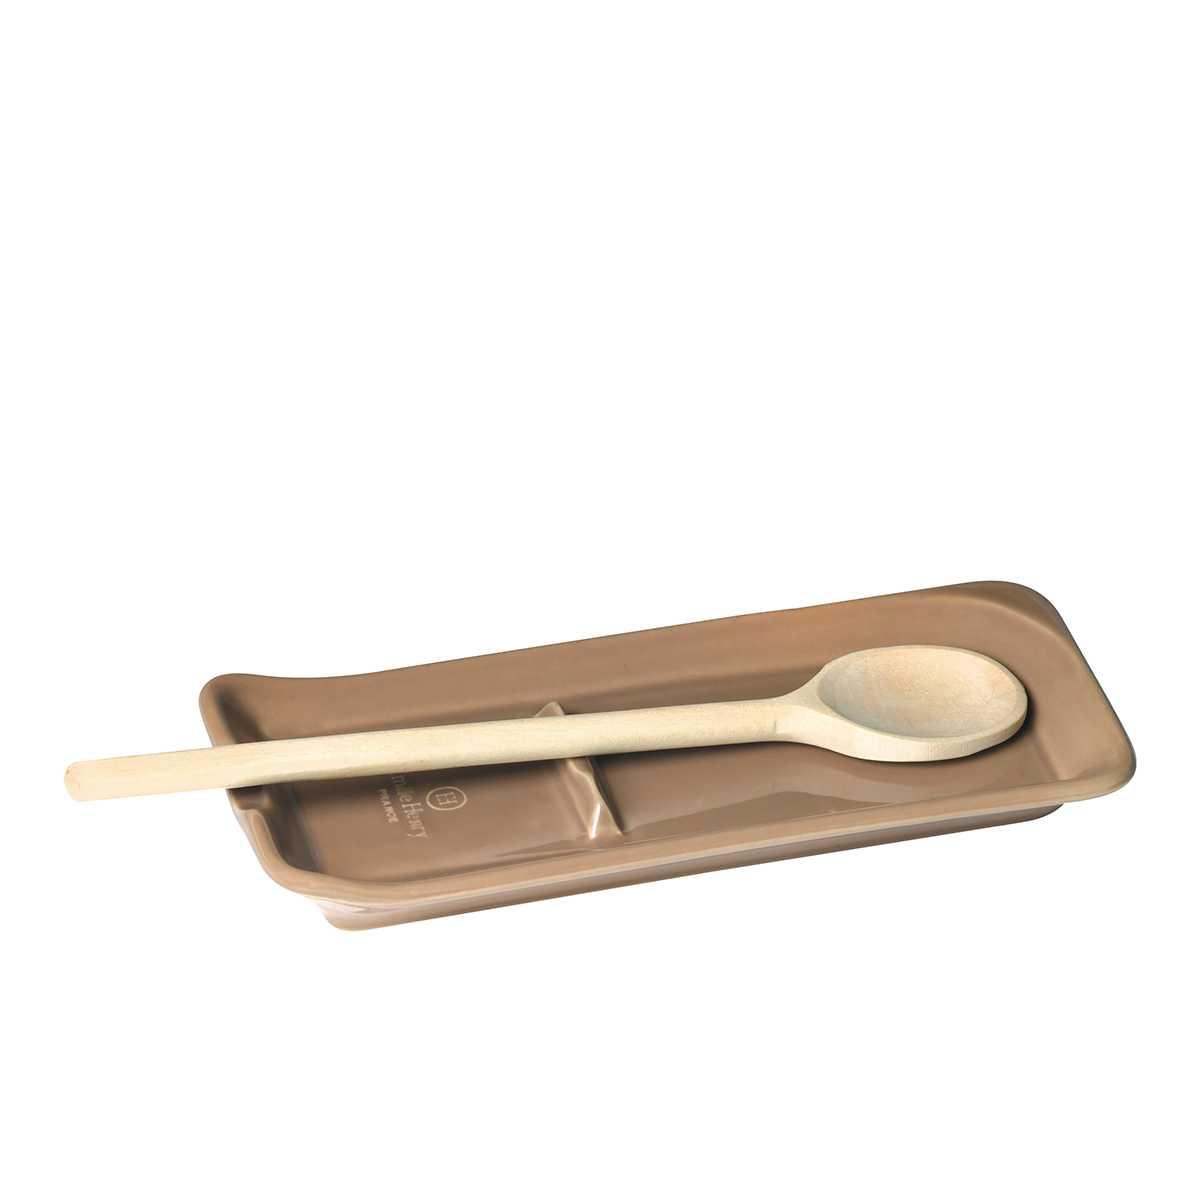 Онлайн каталог PROMENU: Подставка для ложки 22,5х10 см Emile Henry Kitchen Tools  (960262) Emile Henry 960262